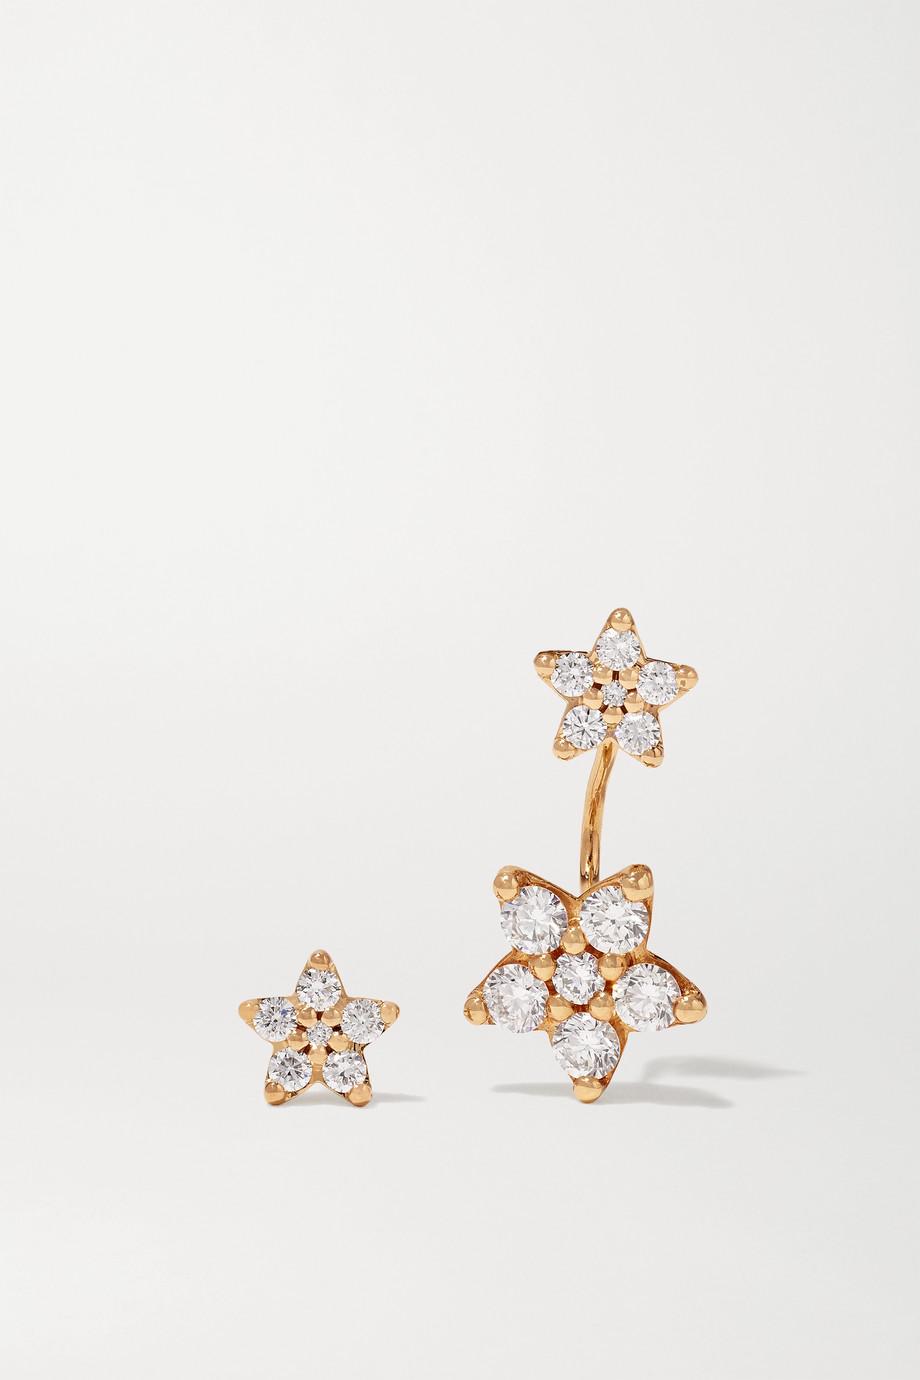 OLE LYNGGAARD COPENHAGEN Shooting Stars 18-karat gold diamond earrings